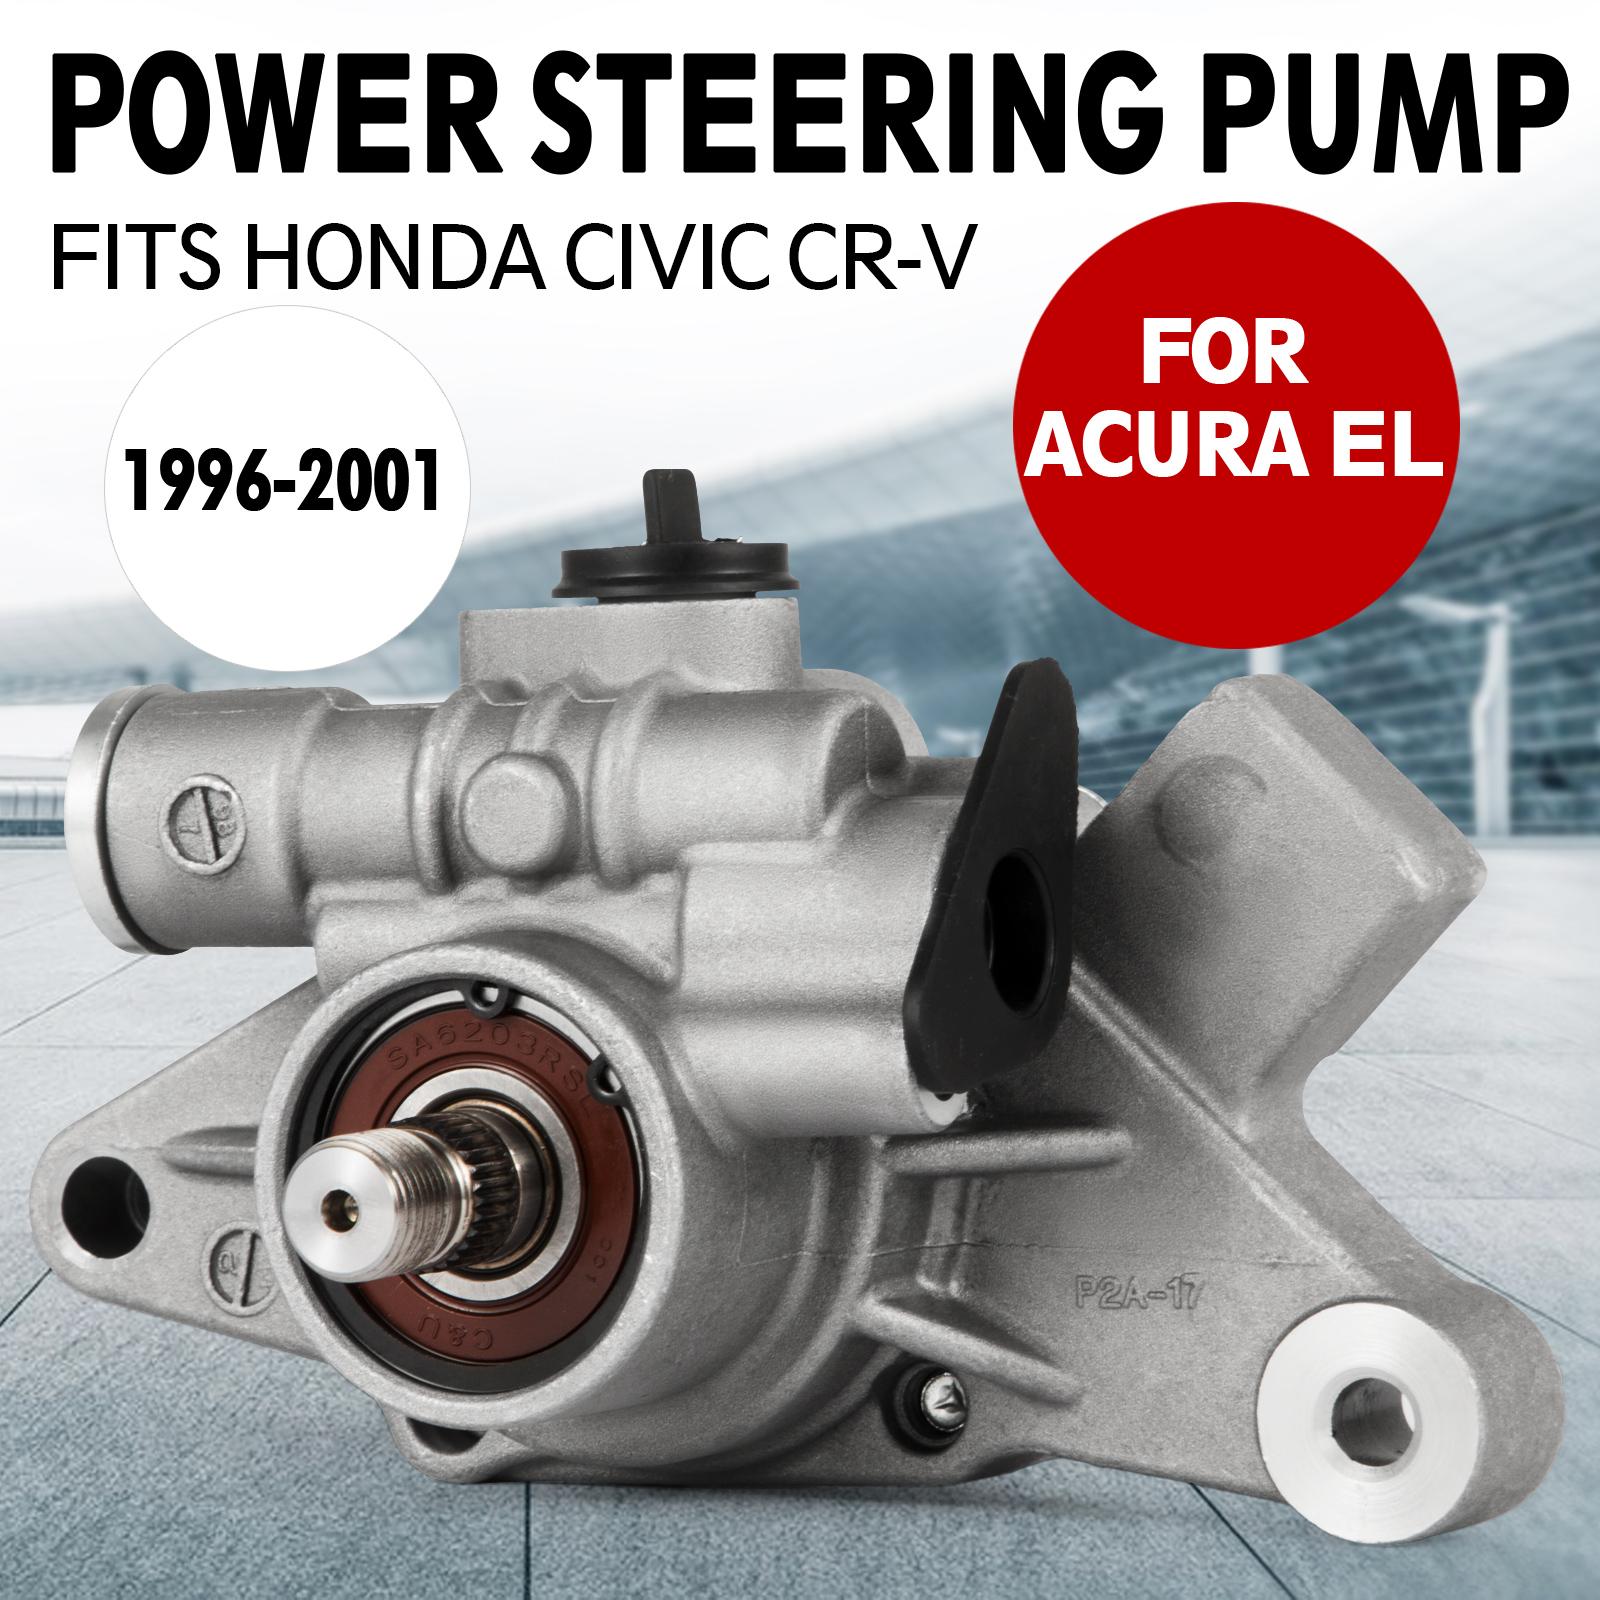 New Power Steering Pump For 96-00 Honda Civic 97-01 CRV CR-V Acura EL 1.6L  2.0L 800000415053 | eBay